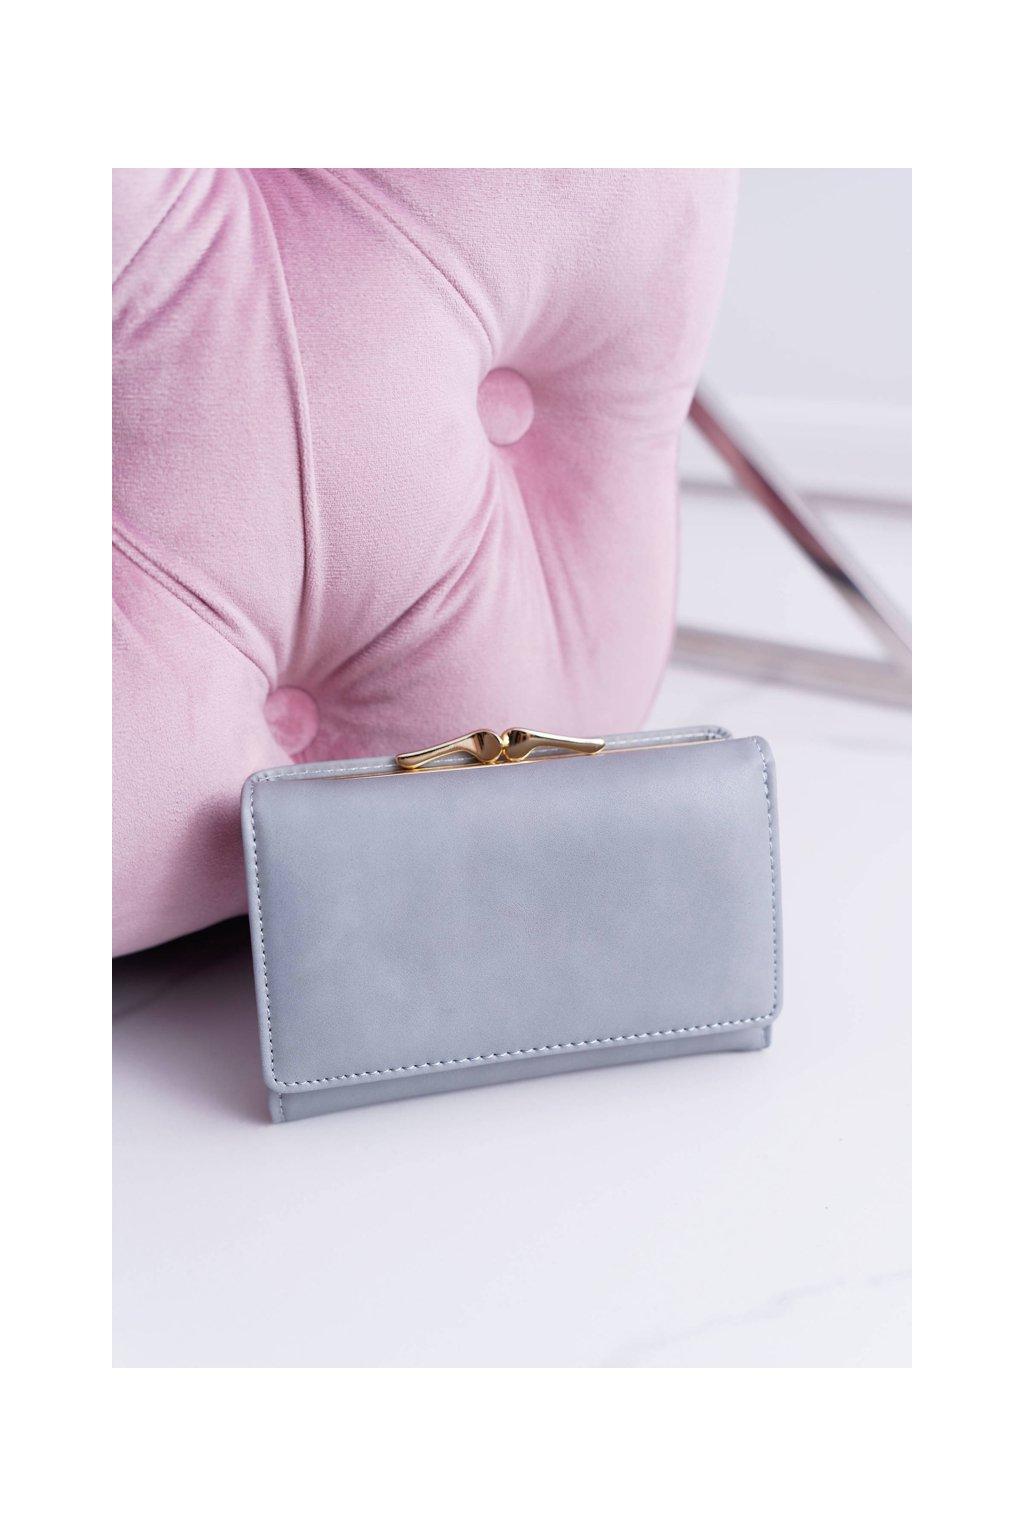 Dámska Peňaženka Klasická Malá Modré Na Západkou